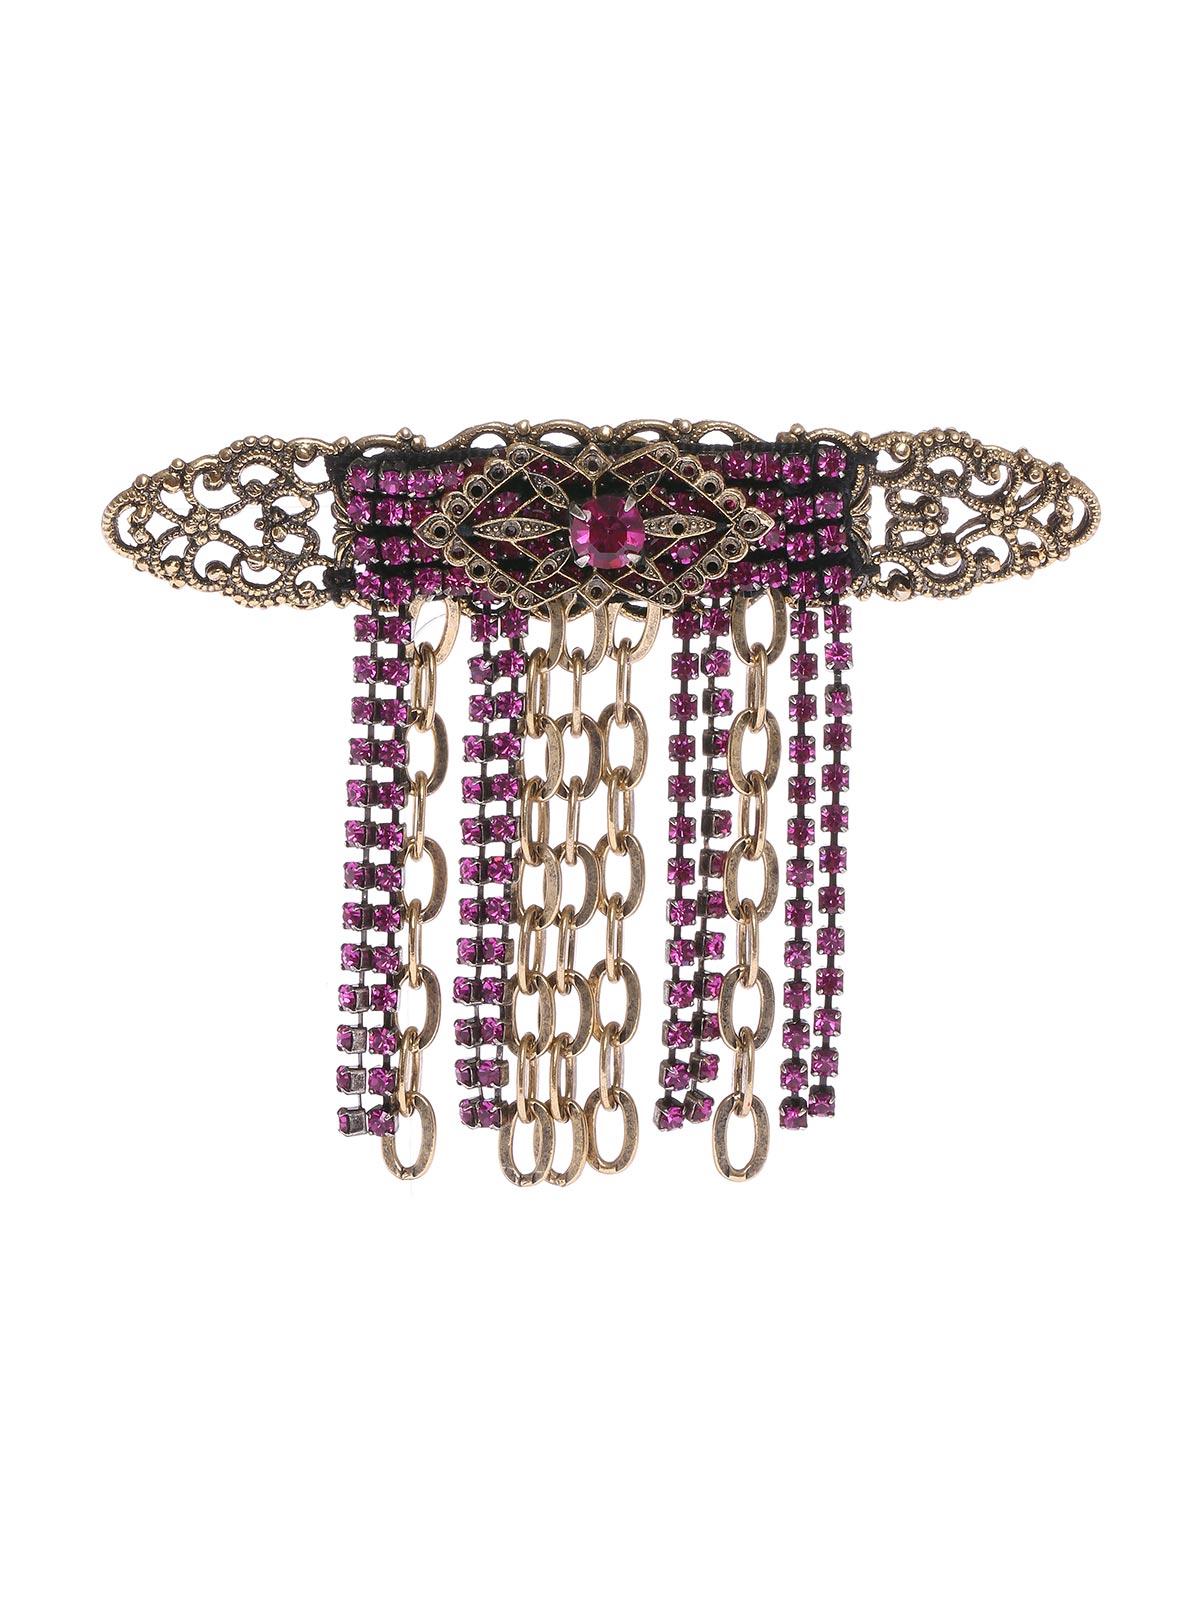 Spilla floreale in ottone con catena e strass a cascata